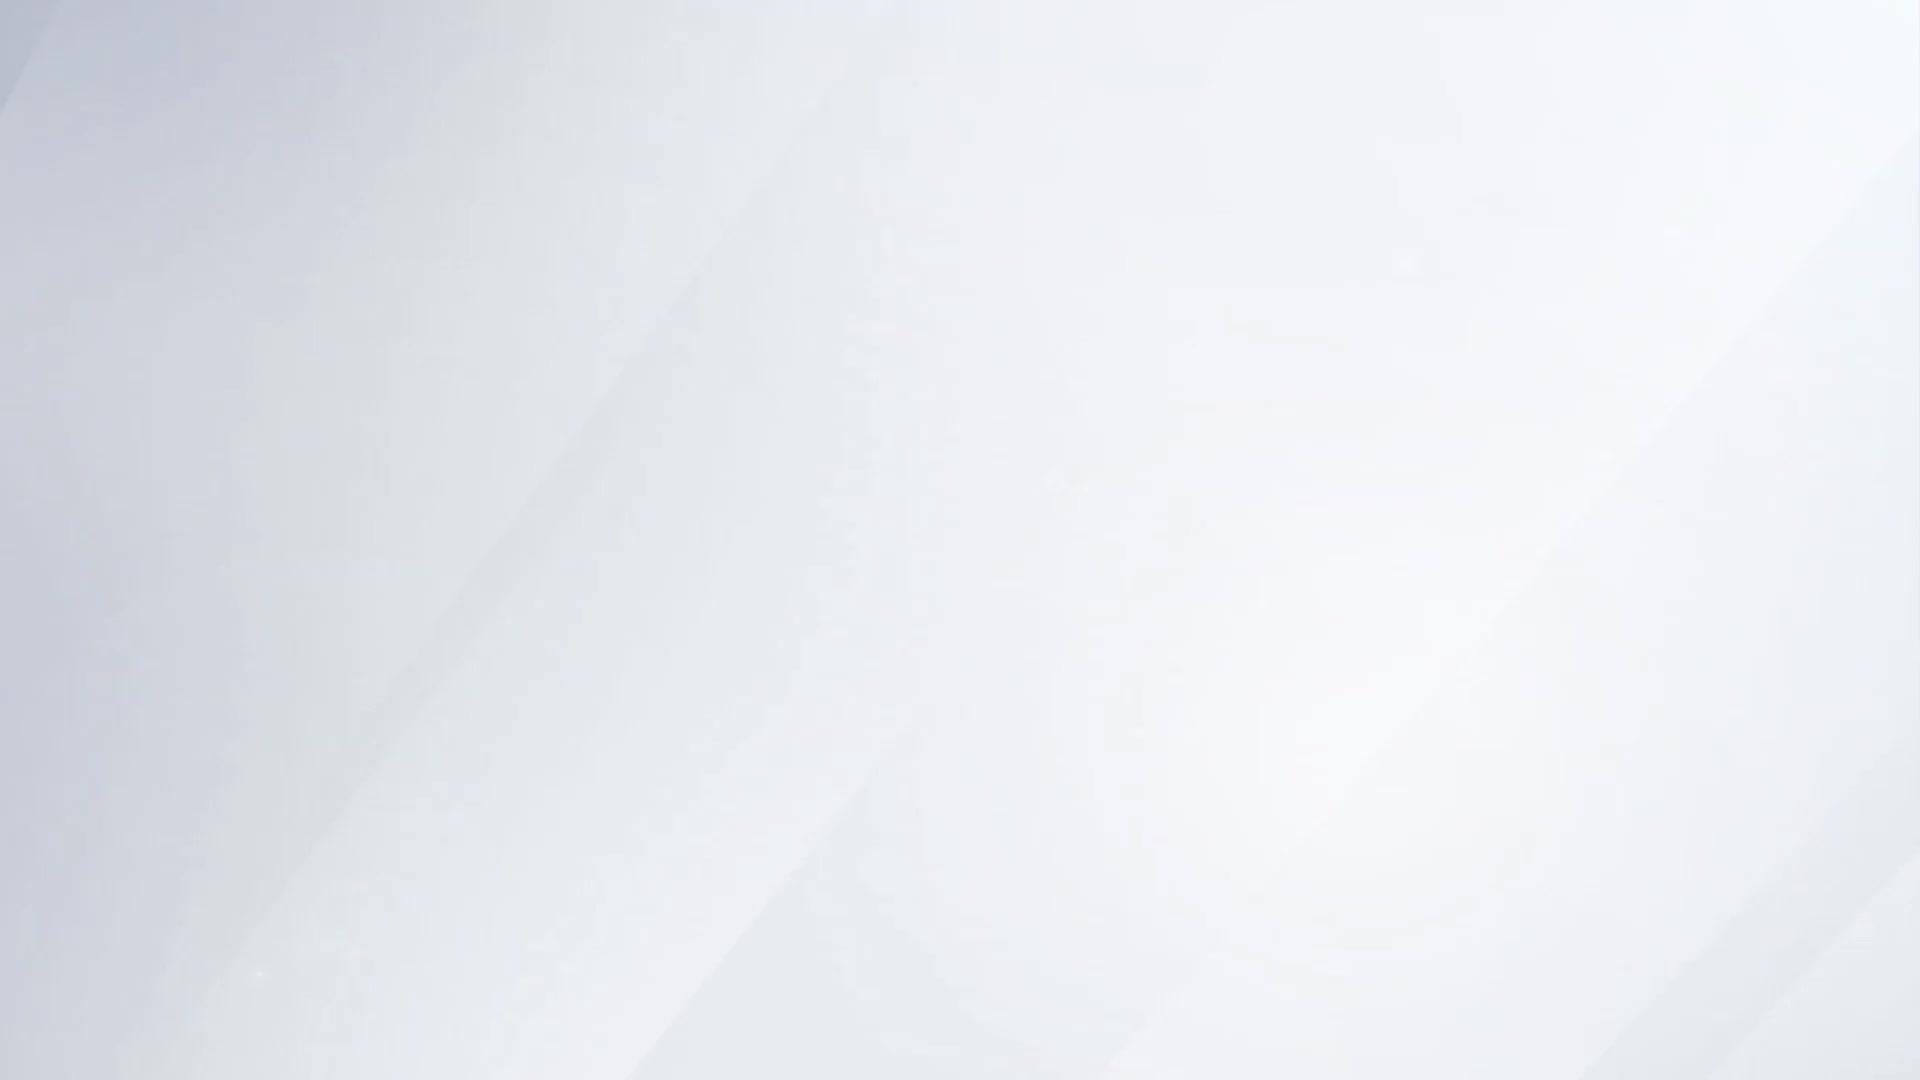 Beste-verkauf tragbare mikrofaser chenille auto reinigung handschuh